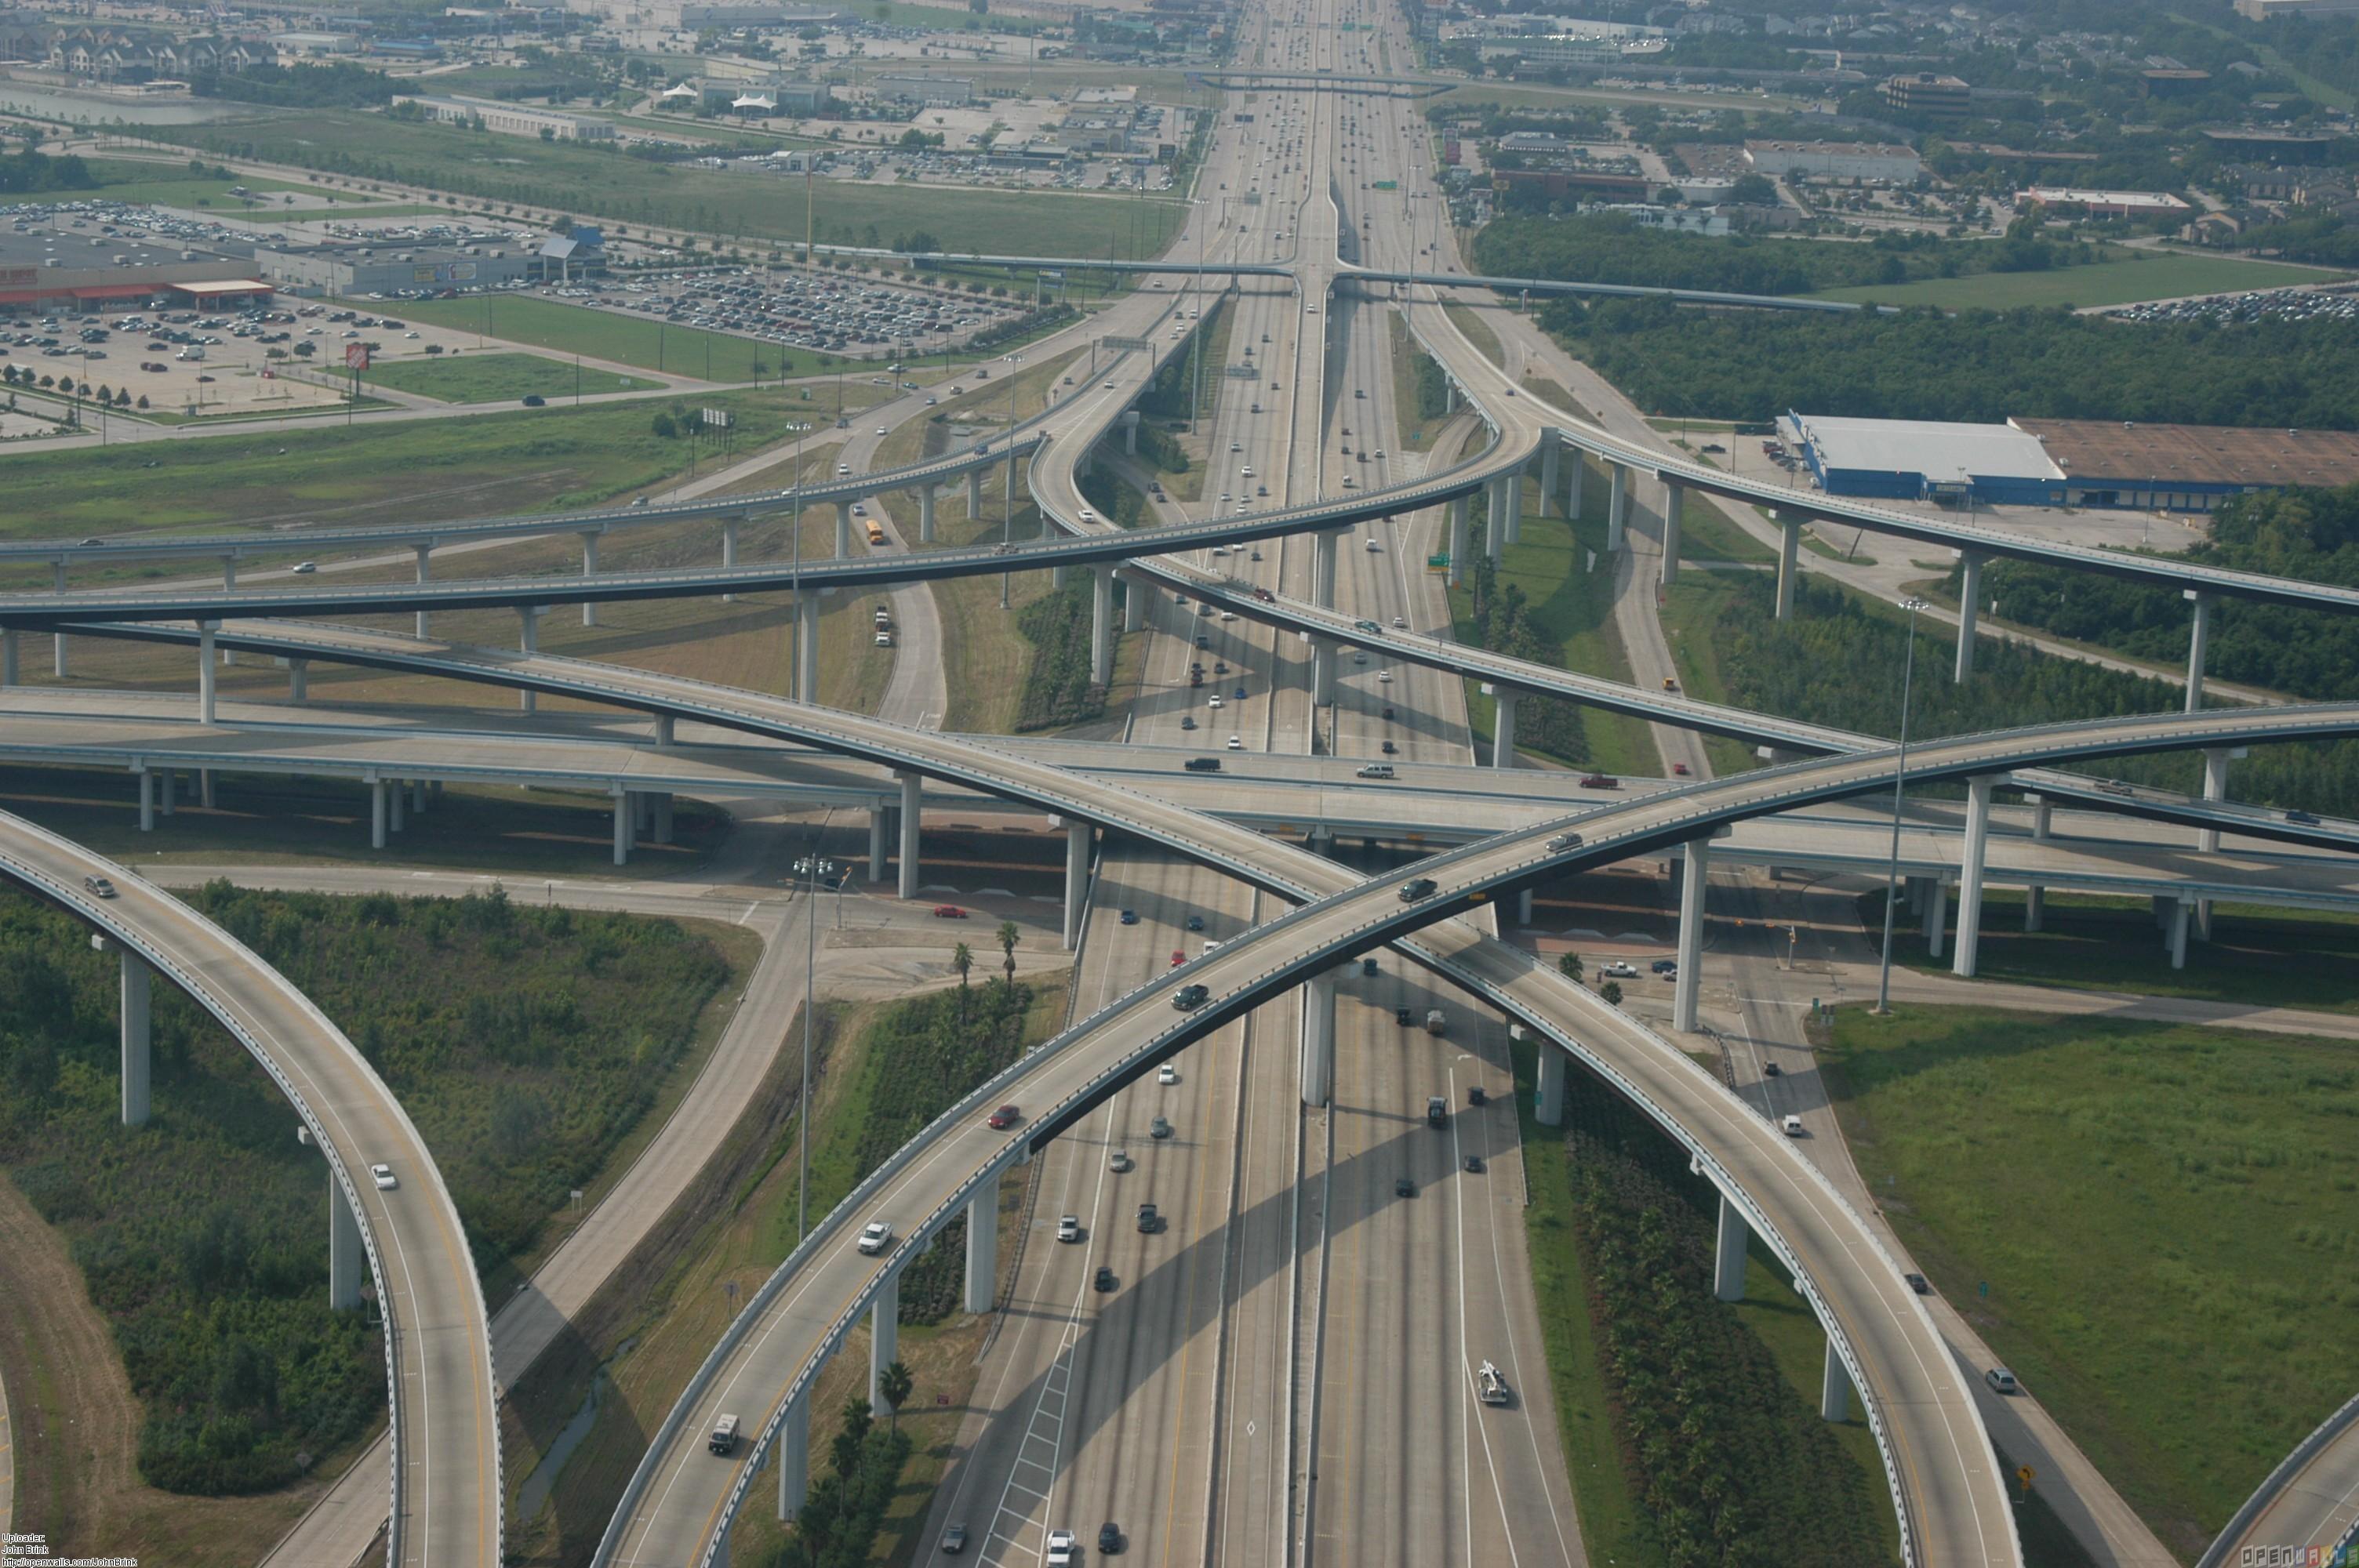 Houston highway wallpaper 21630   Open Walls 3008x2000